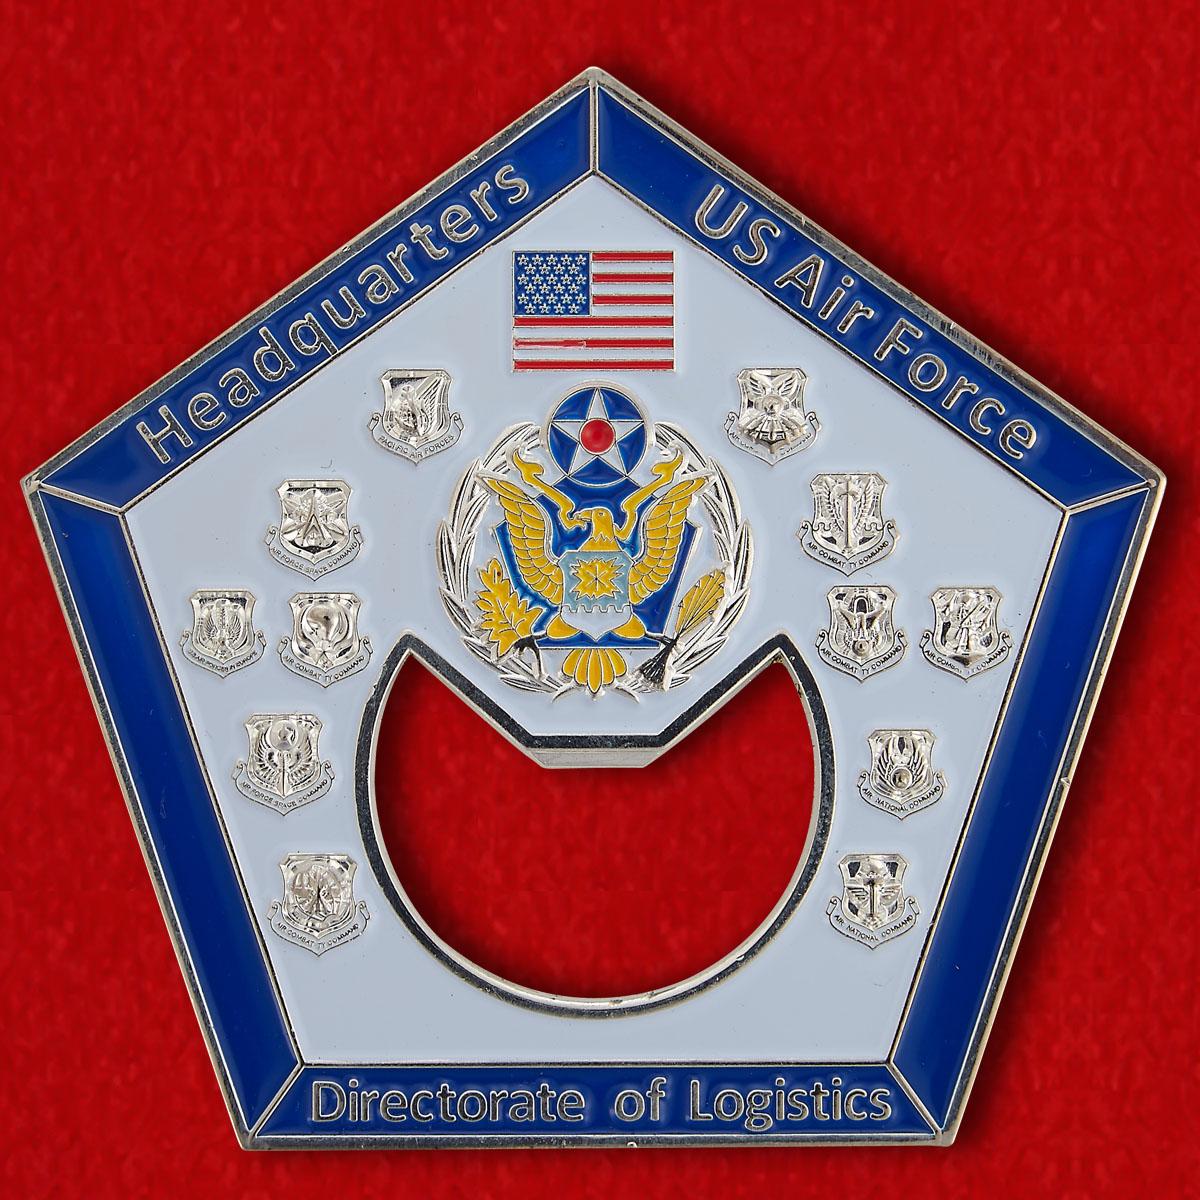 Челлендж коин-открывалка Управления снабжения при Штаб-квартире ВВС США